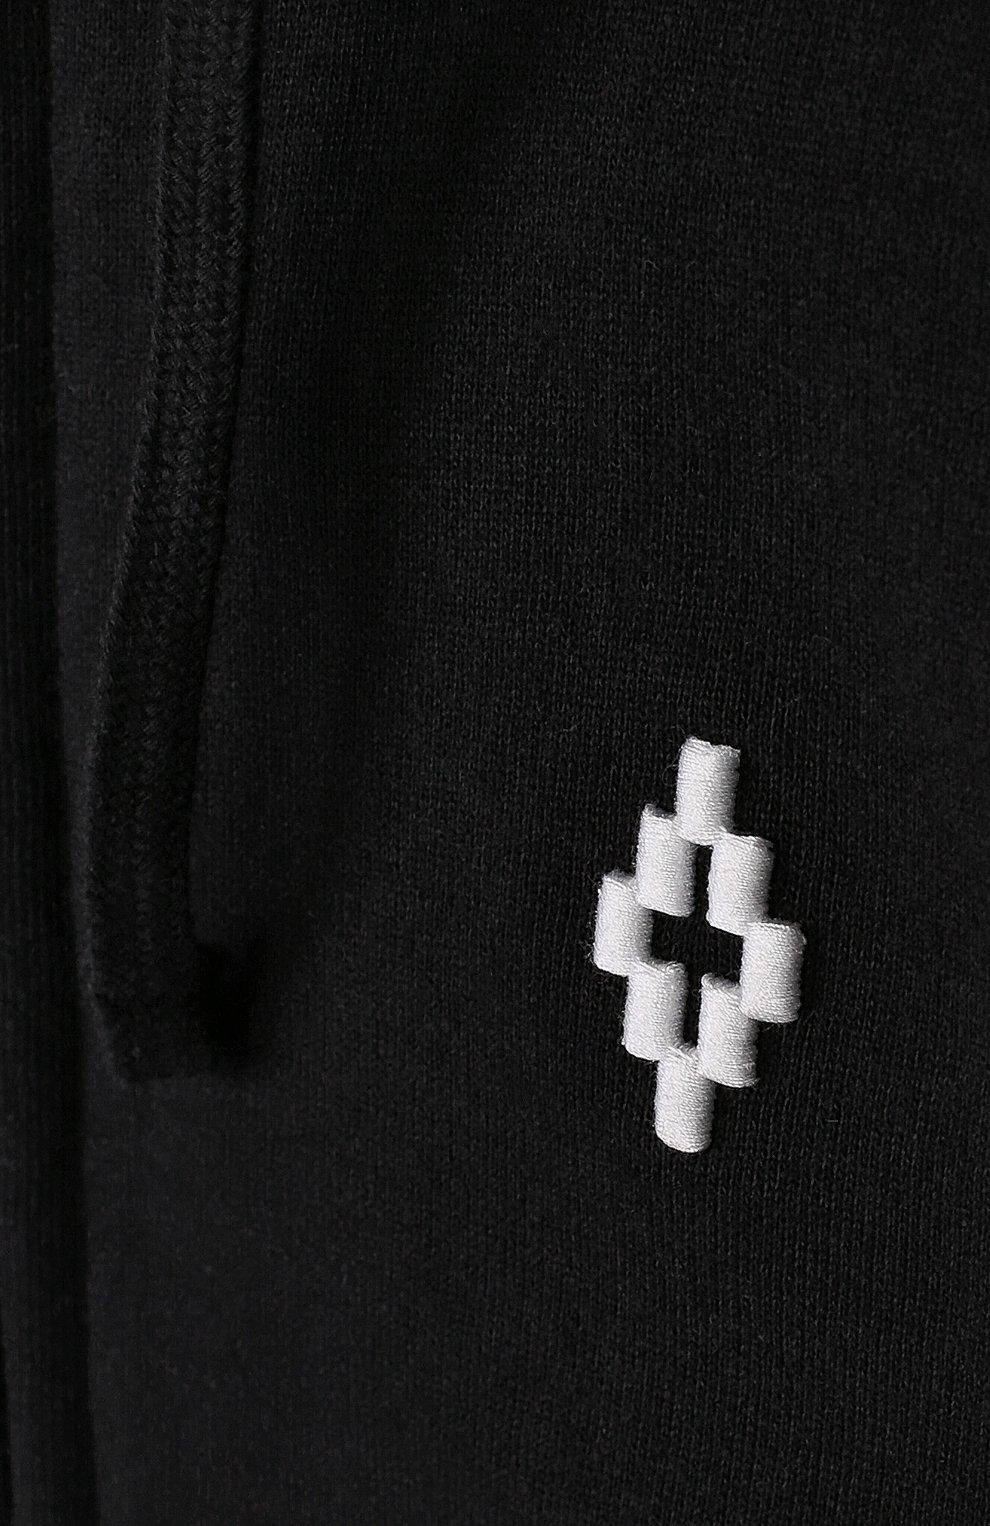 Детский хлопковый кардиган на молнии с капюшоном MARCELO BURLON KIDS OF MILAN черного цвета, арт. B/MB/2202/0020   Фото 3 (Рукава: Длинные; Мальчики Кросс-КТ: Толстовка-спорт; Материал внешний: Хлопок; Ростовка одежда: 6 лет   116 см, 8 лет   128 см)